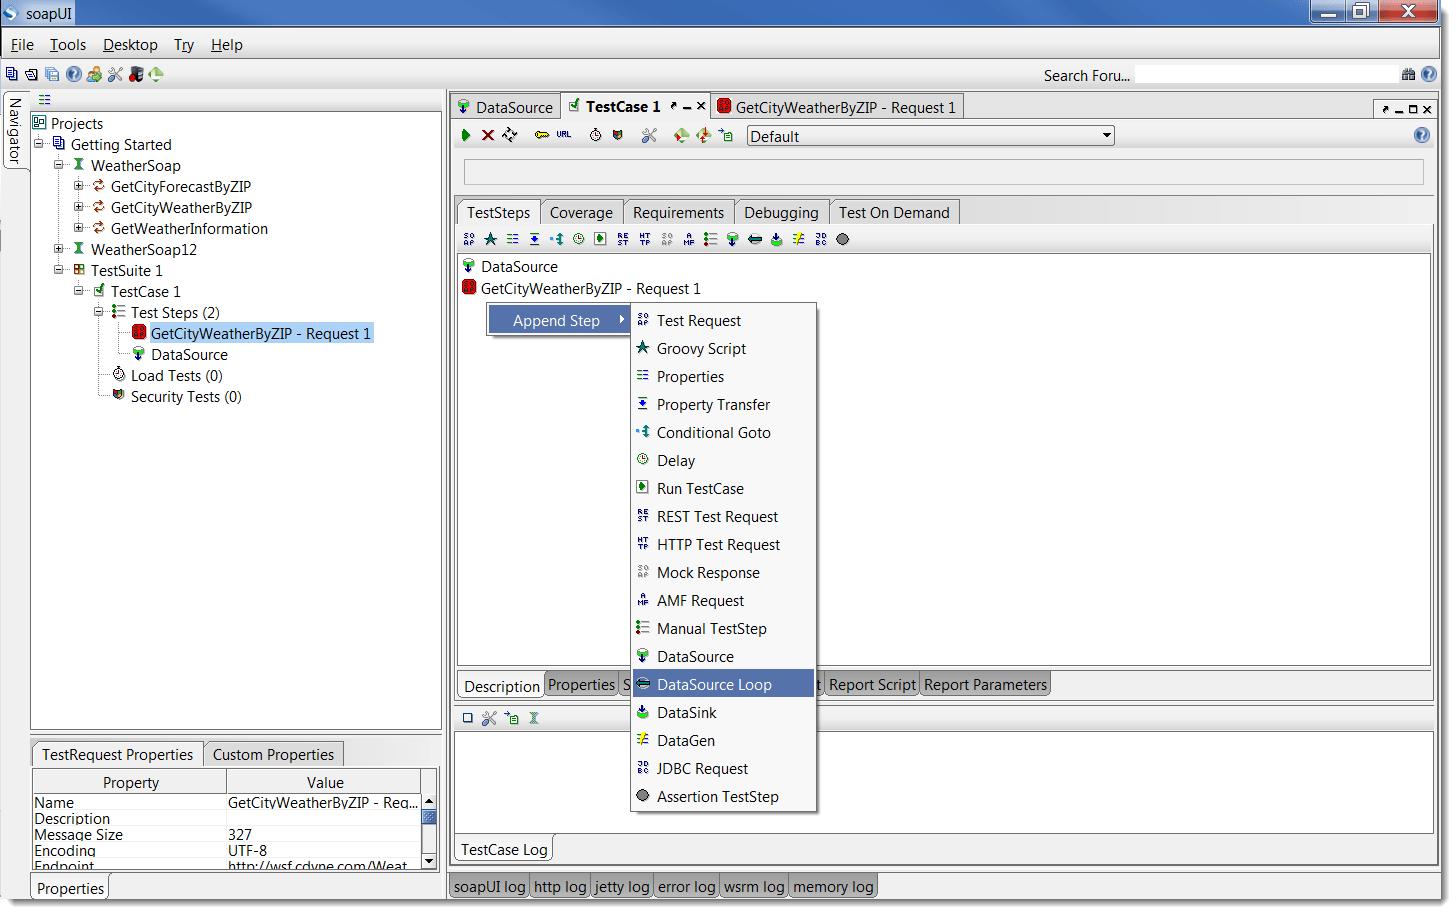 SOAPUI 5.0.0 TÉLÉCHARGER